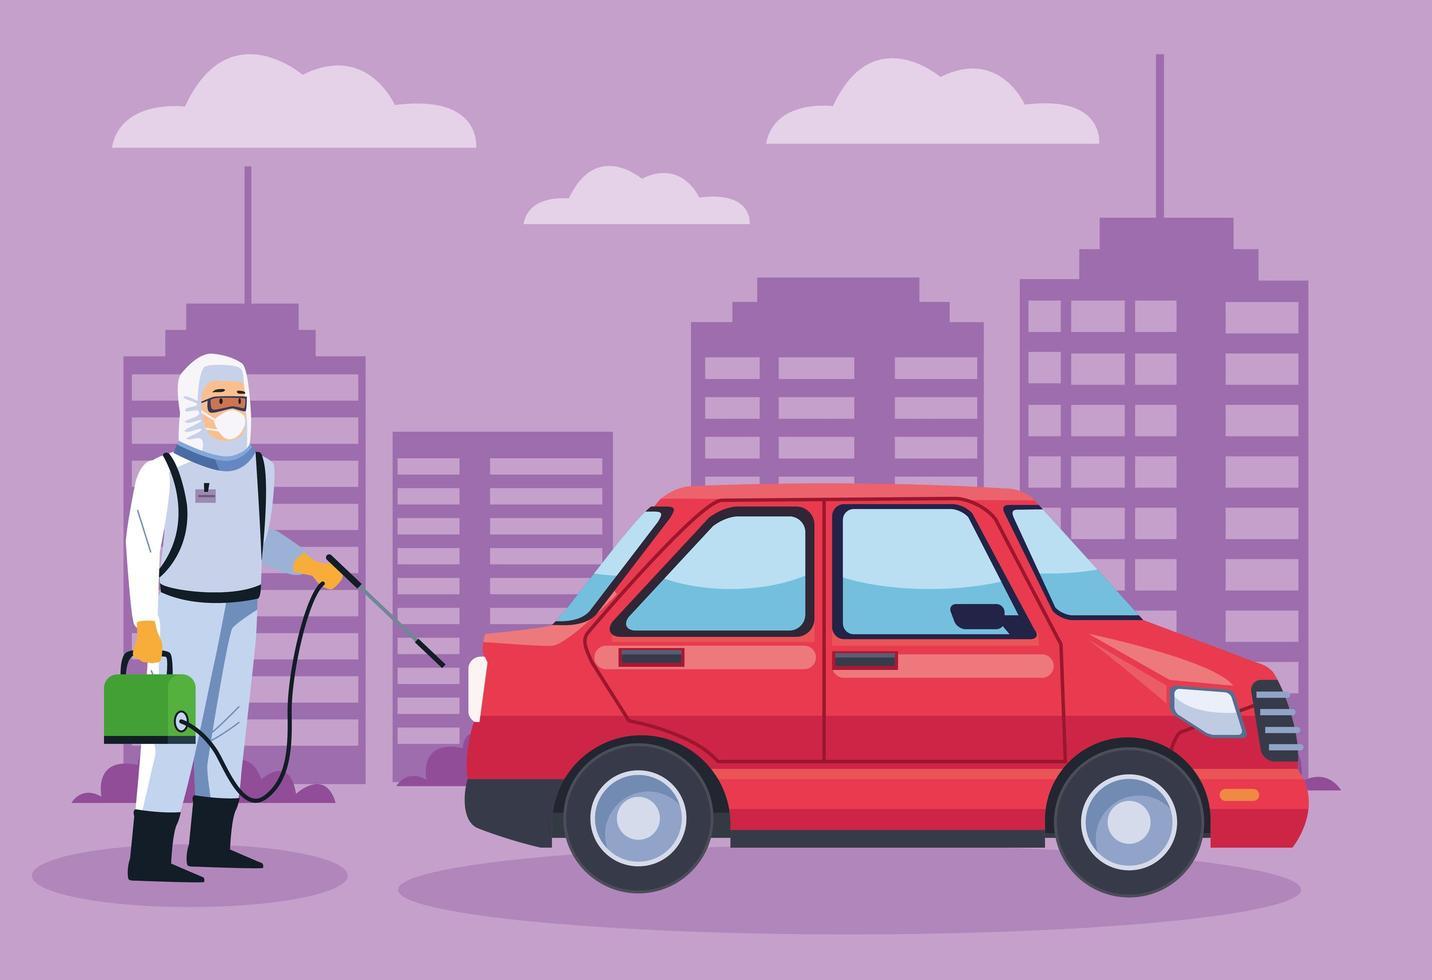 Trabajador de bioseguridad desinfecta un automóvil contra covid 19 vector